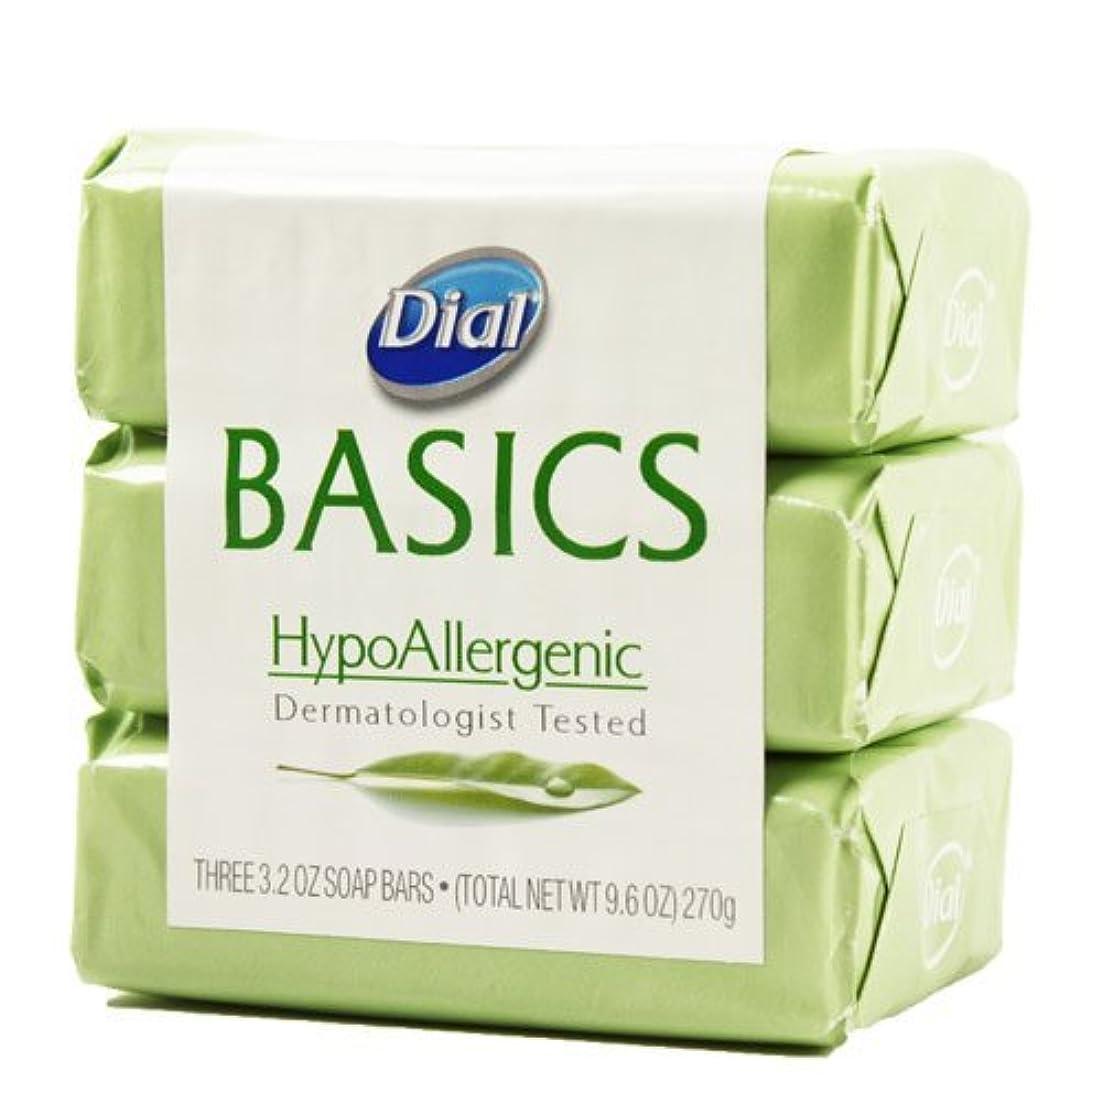 アラブ人ゴージャス流行Dial Basics HypoAllergenic Dermatologist Tested Bar Soap, 3.2 oz (18 Bars) by Basics